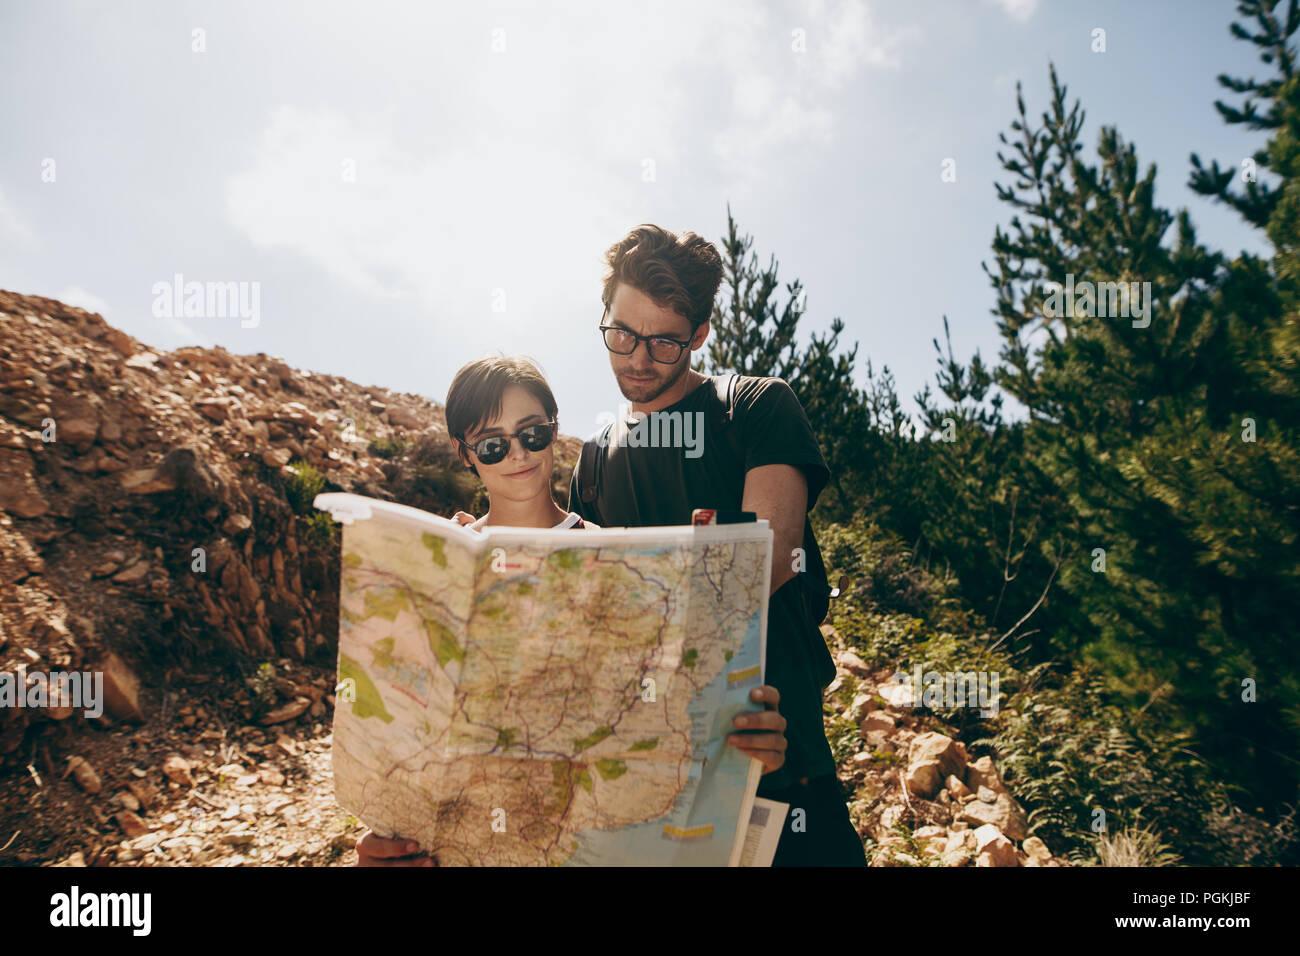 L uomo e la donna in possesso di una mappa di navigazione durante le escursioni nella foresta. Turista giovane utilizzando una mappa per trovare il percorso verso la loro destinazione. Immagini Stock